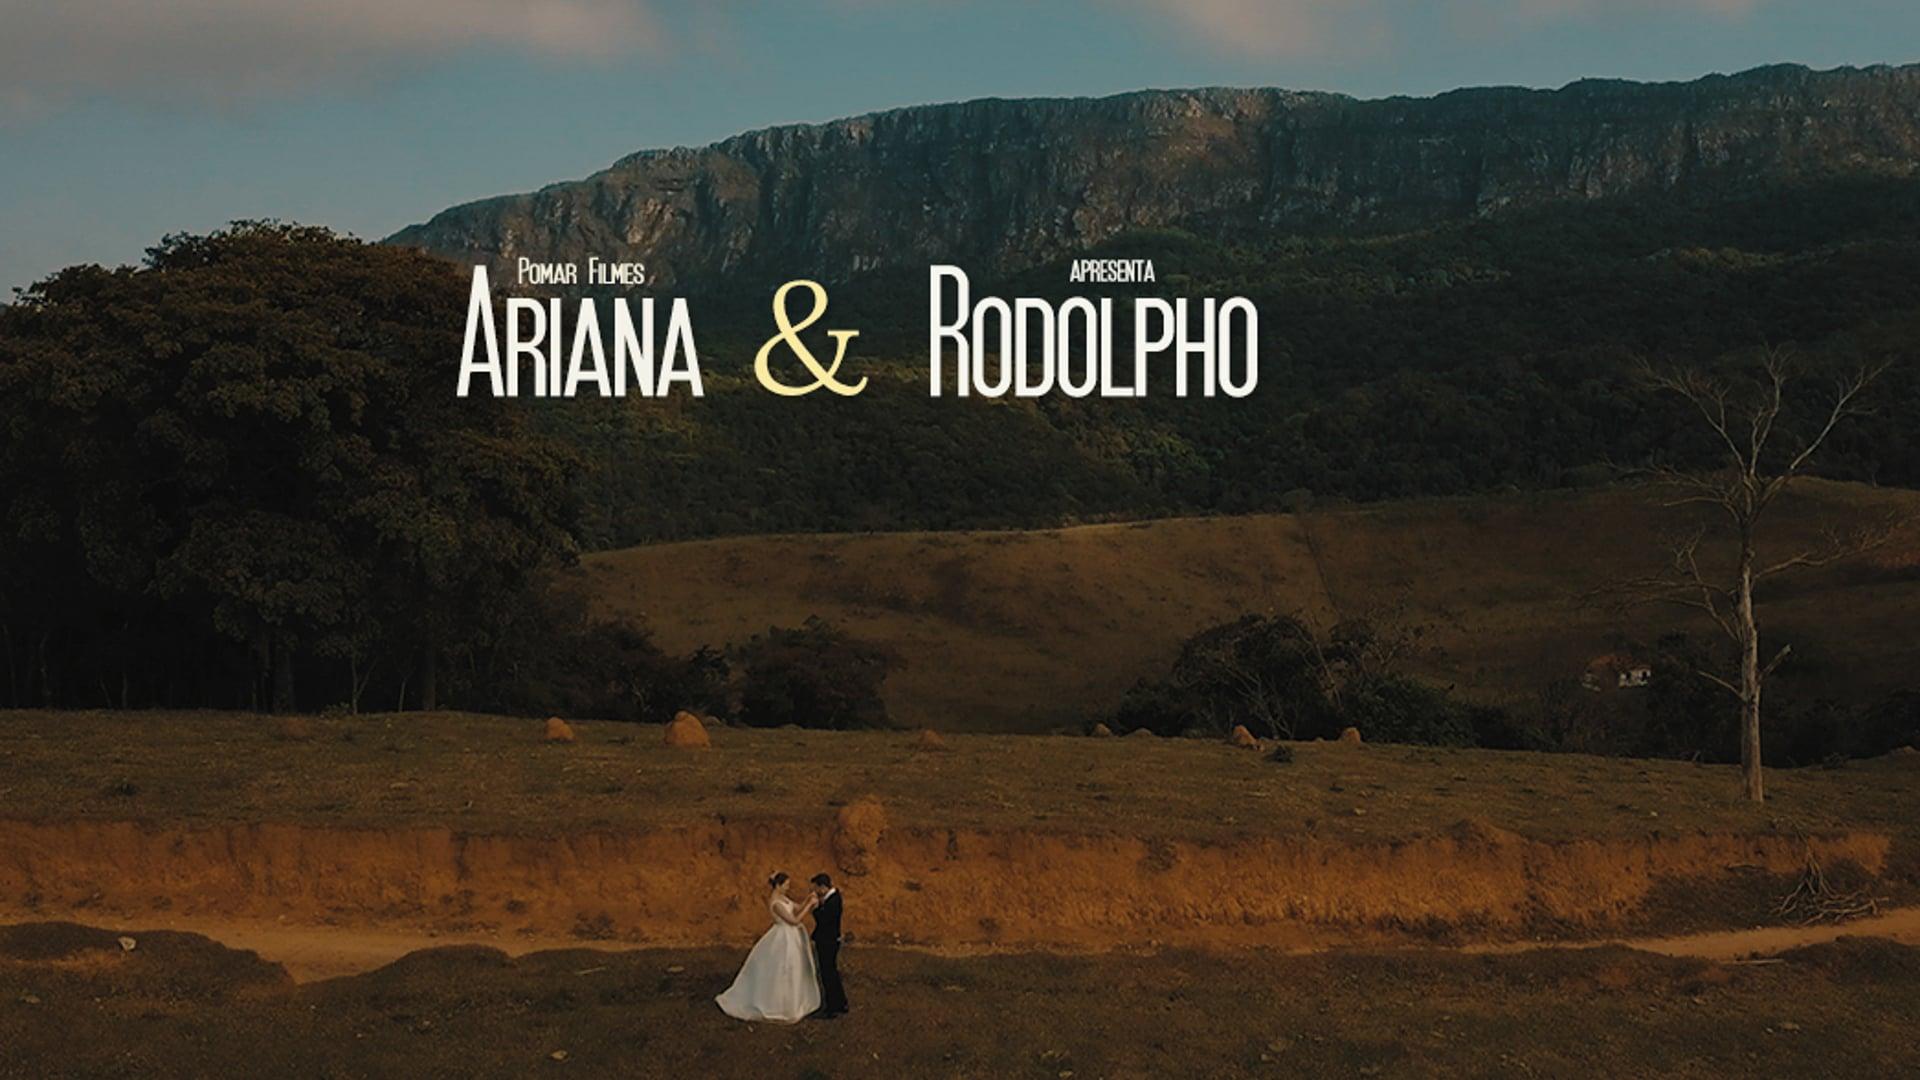 ARIANA E RODOLPHO